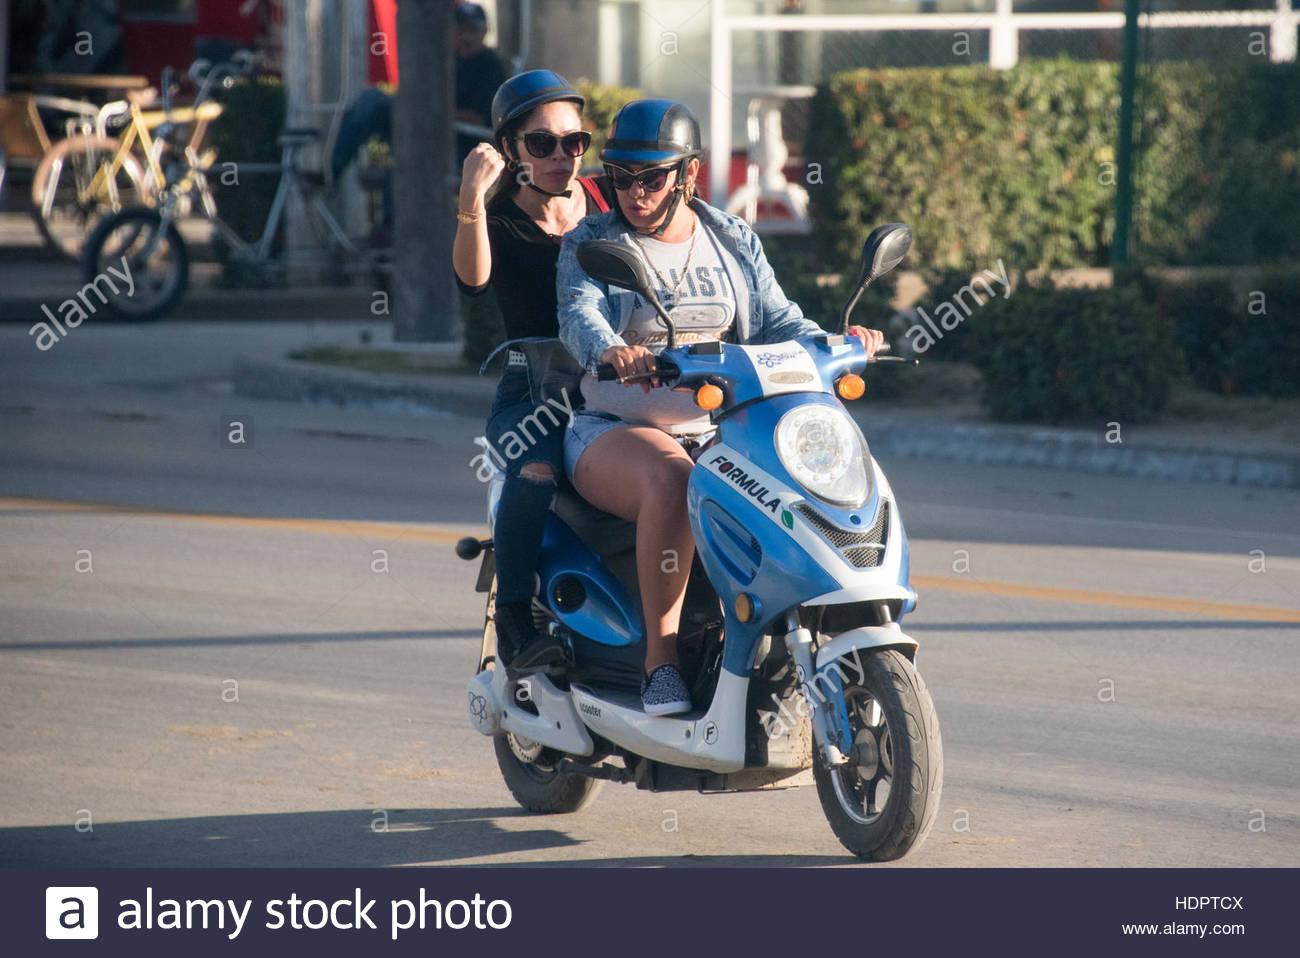 Les femmes équitation un scooter électrique. Vie quotidienne du peuple cubain de détails. Photo Stock